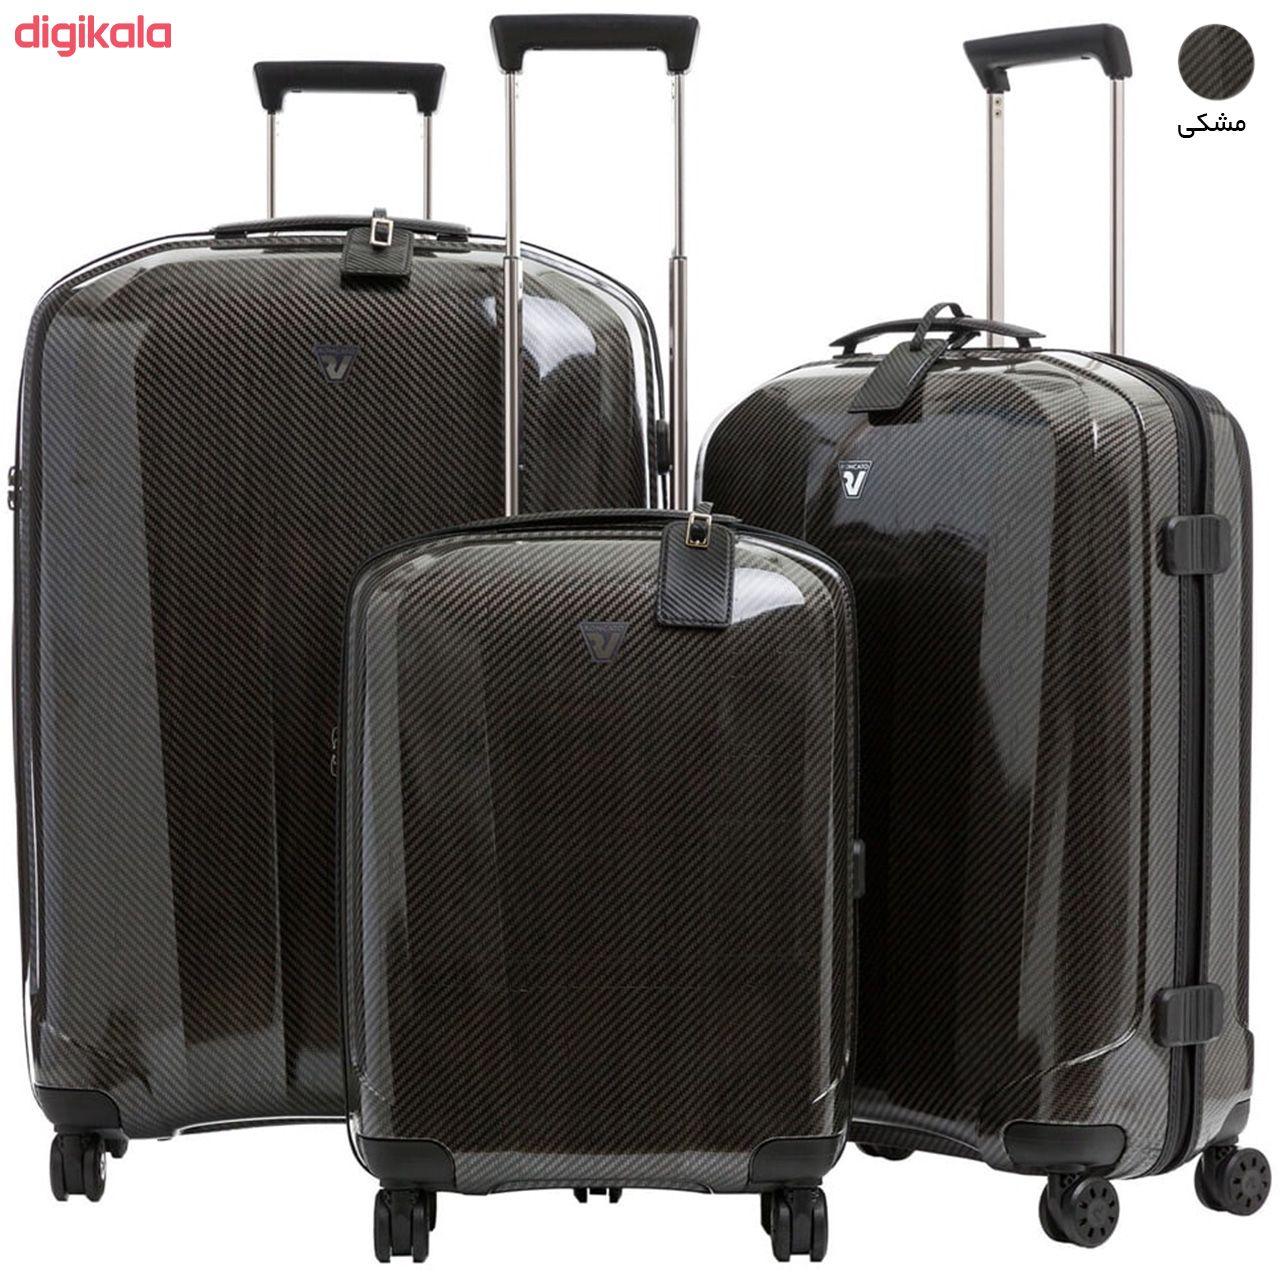 مجموعه سه عددی چمدان رونکاتو مدل 5950 main 1 29